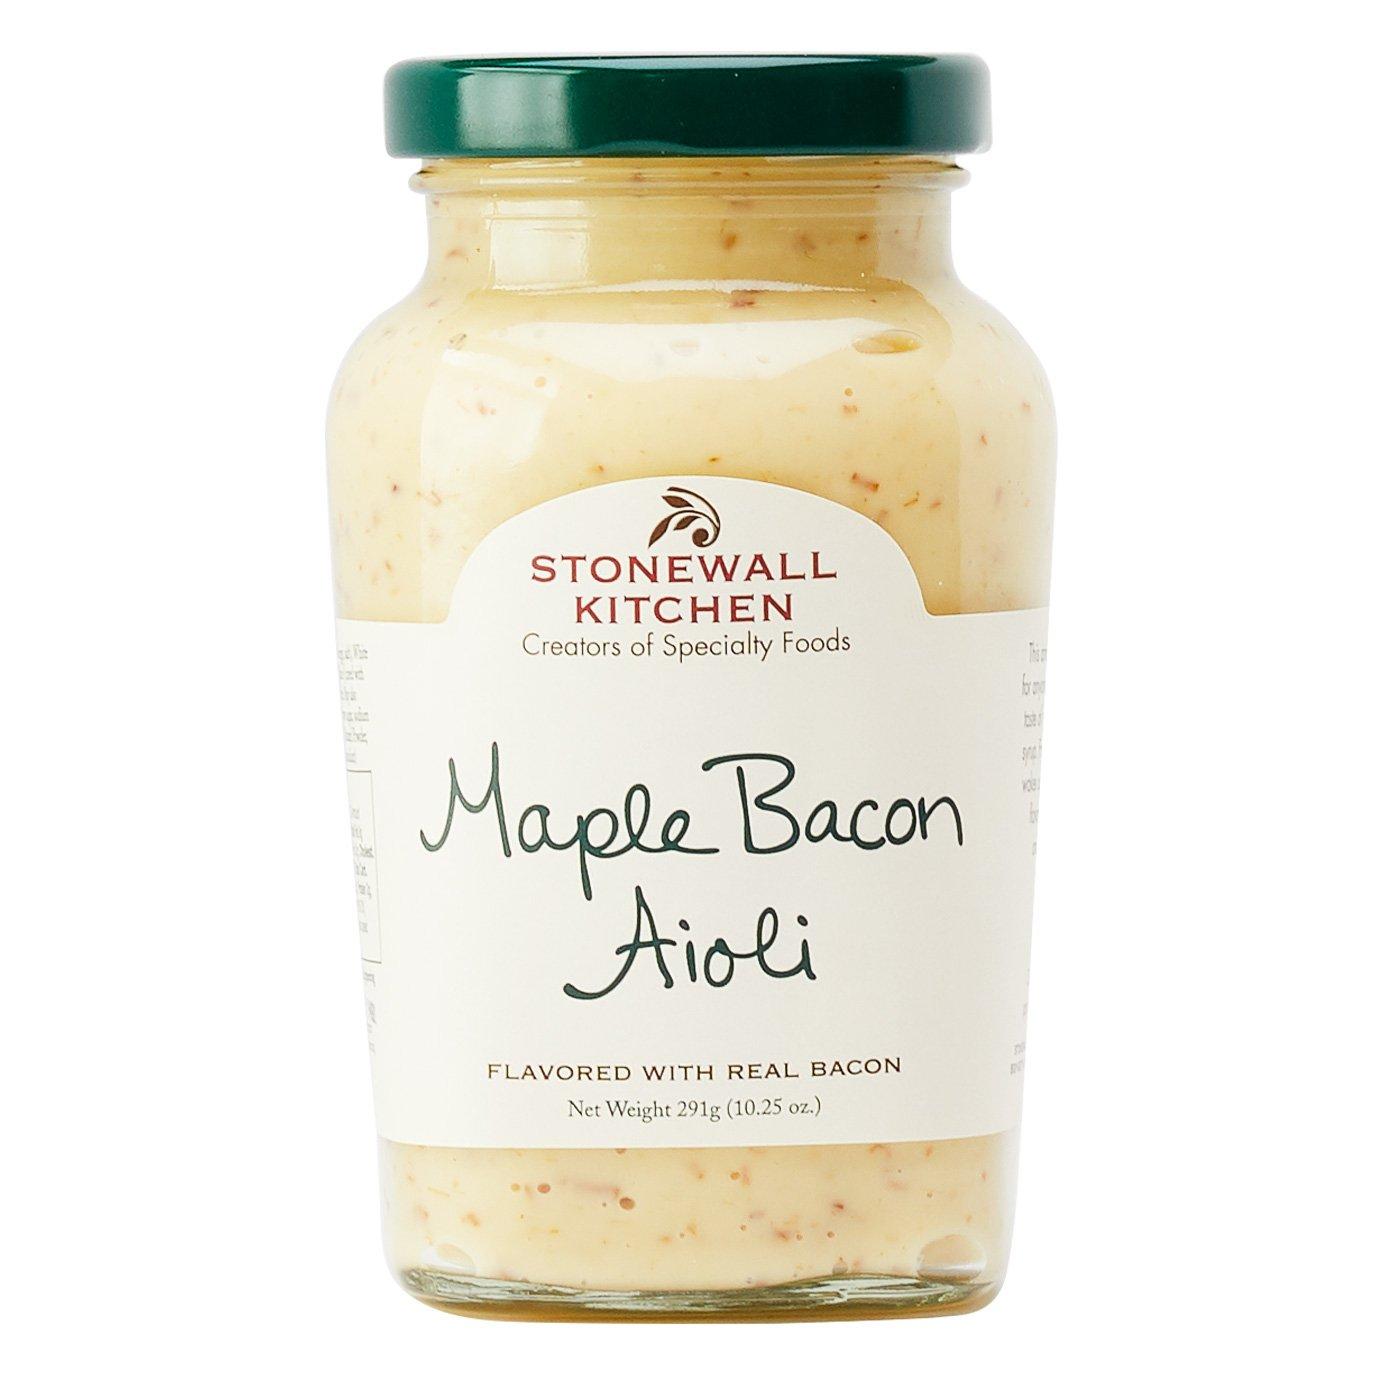 Stonewall Kitchen Aioli - Maple Bacon - 10.25 oz